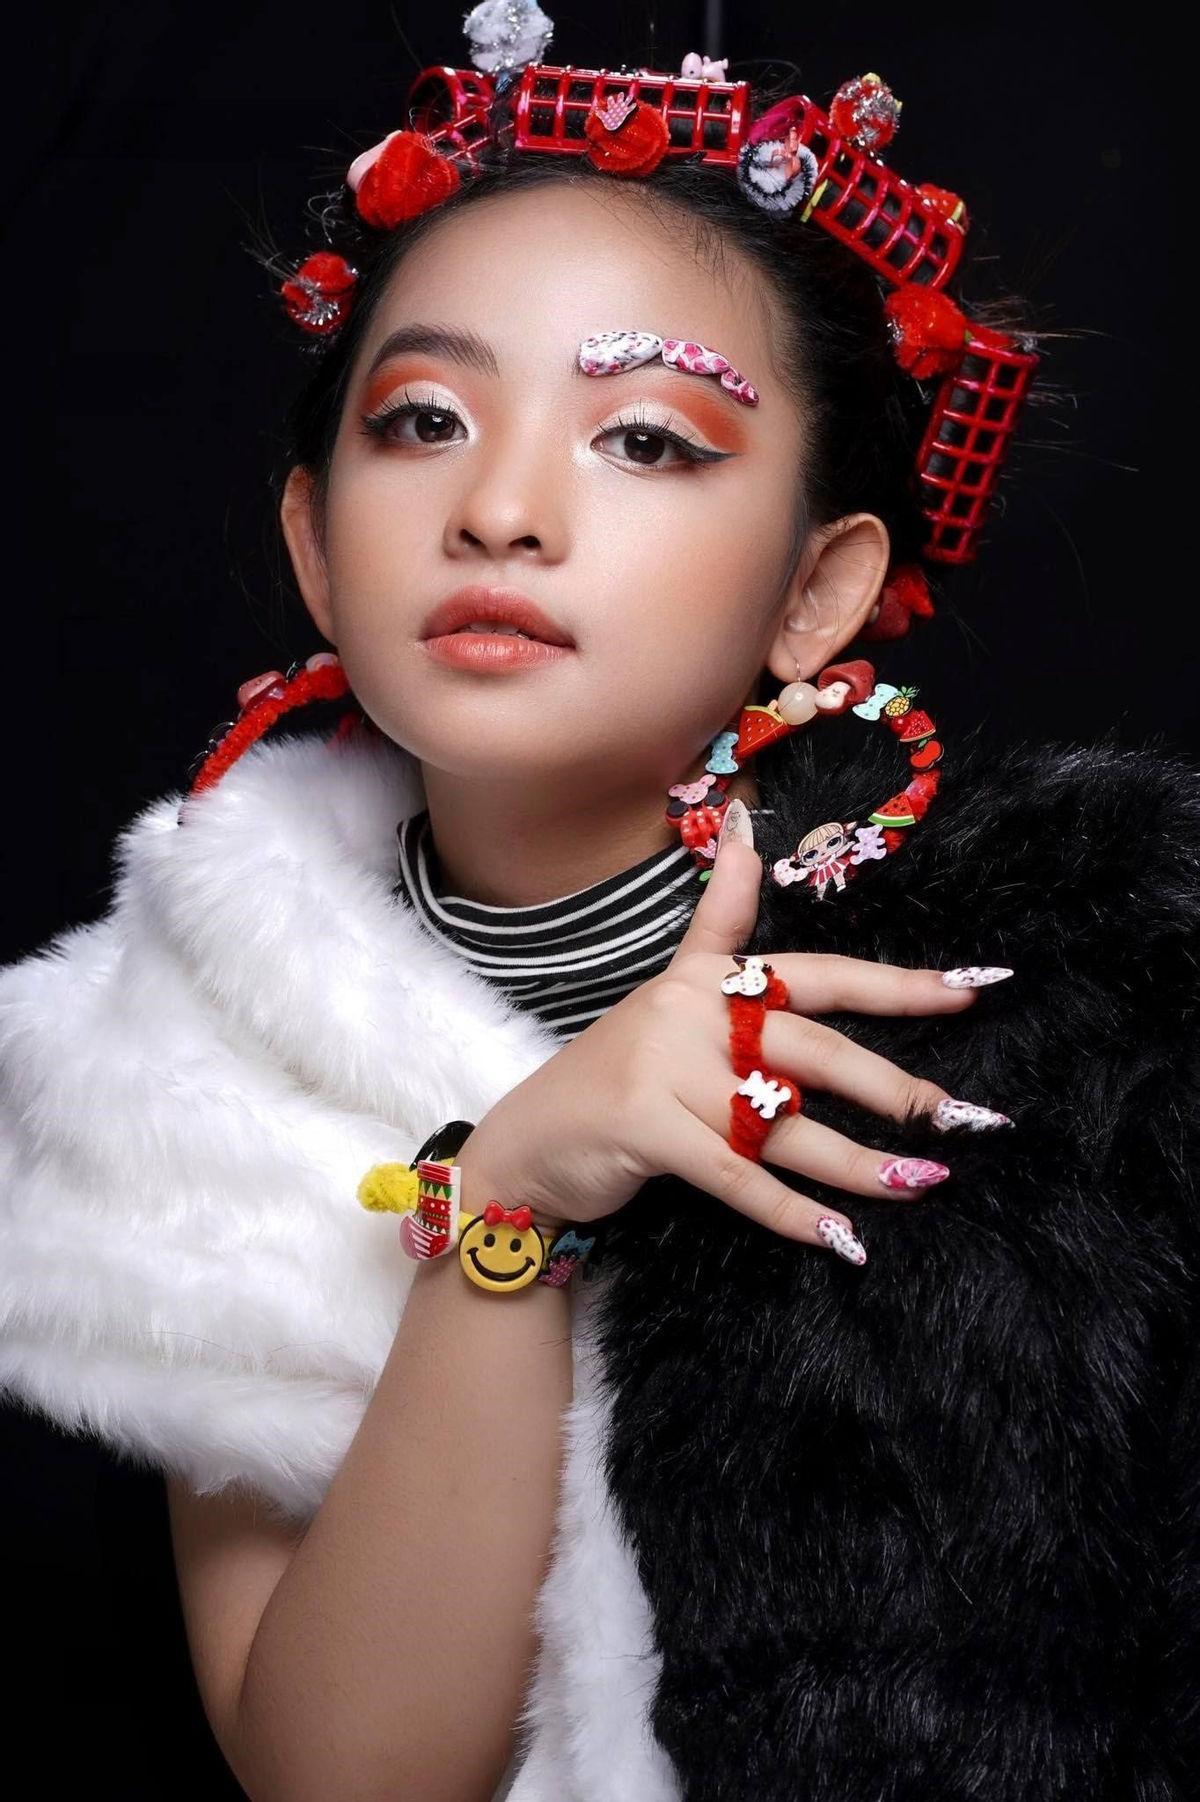 Mẫu nhí Nguyễn Ngọc Khánh Phương khoe thần thái 'đỉnh cao' trong bộ ảnh mới Ảnh 6